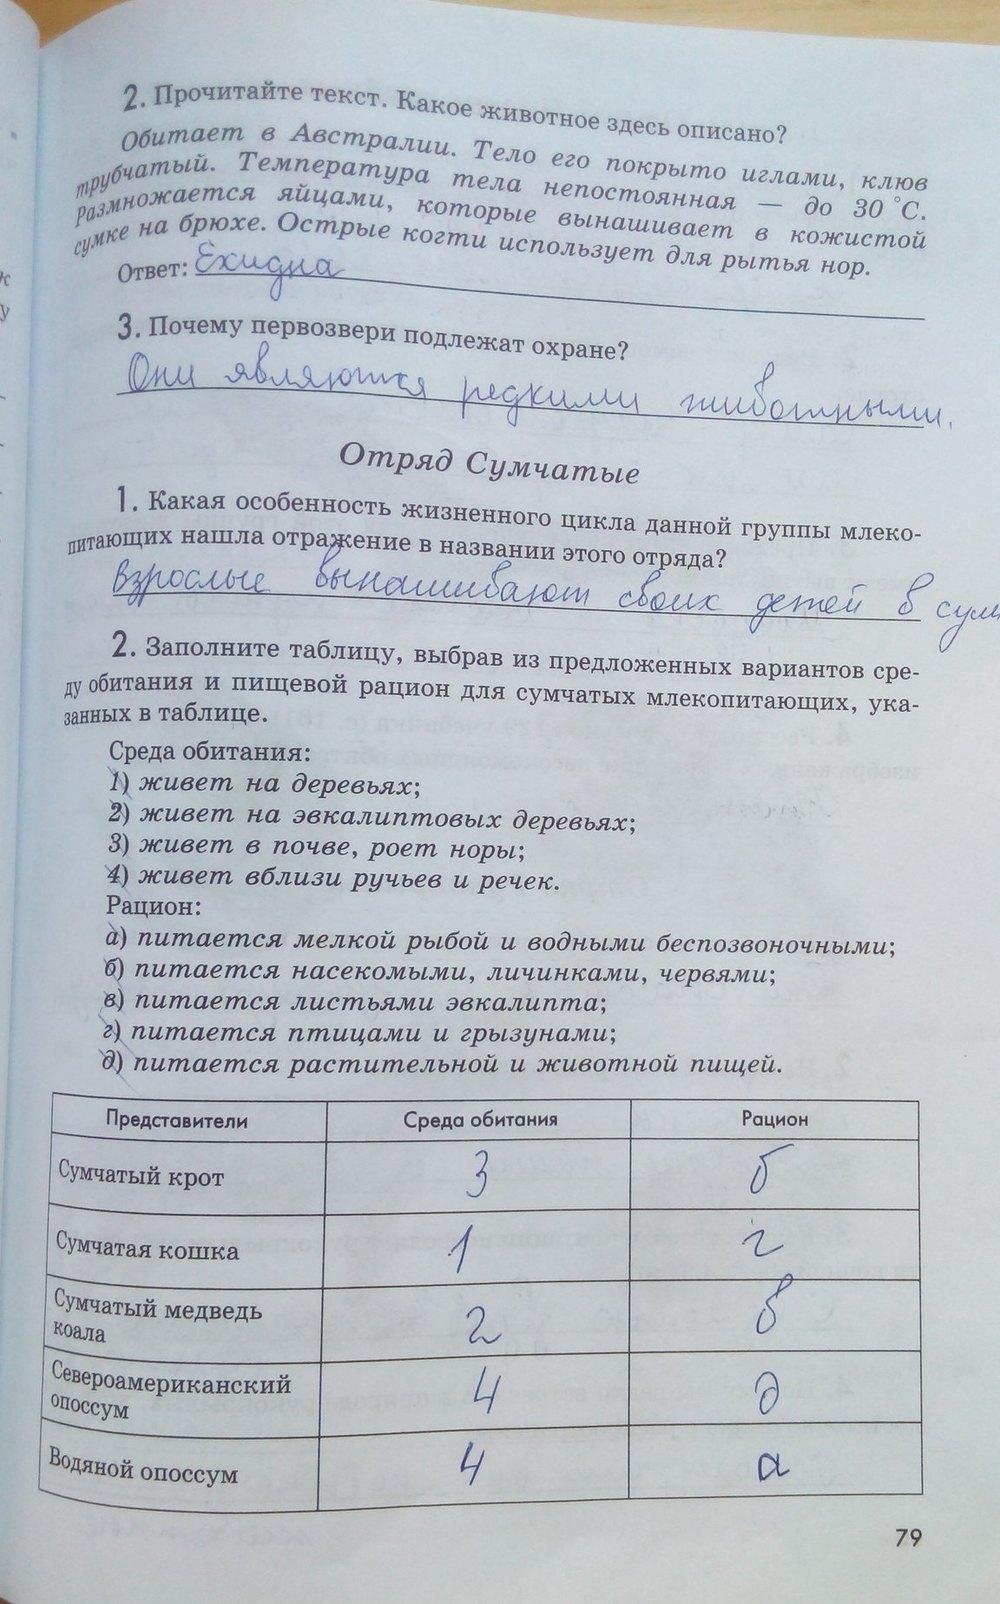 гдз по биологии 7 класс латюшин путина